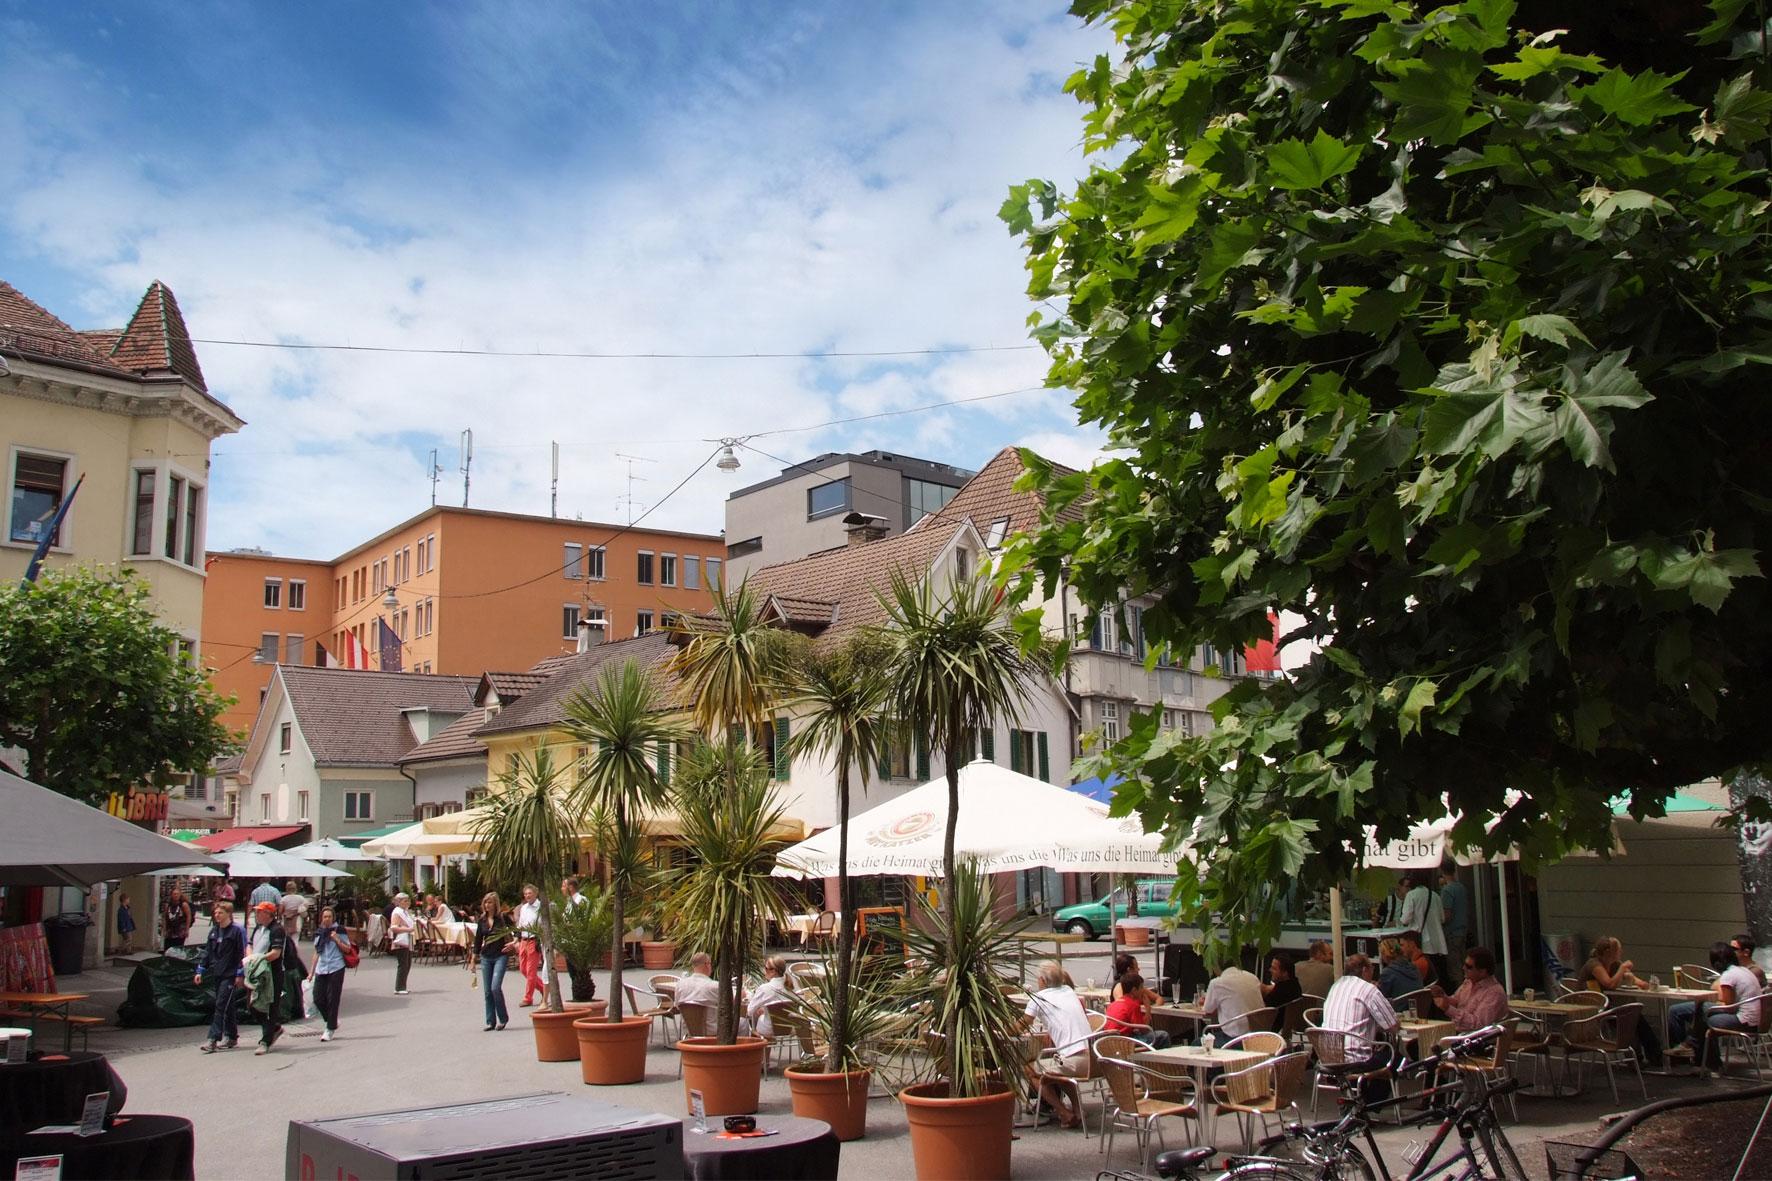 Stadt Bregenz